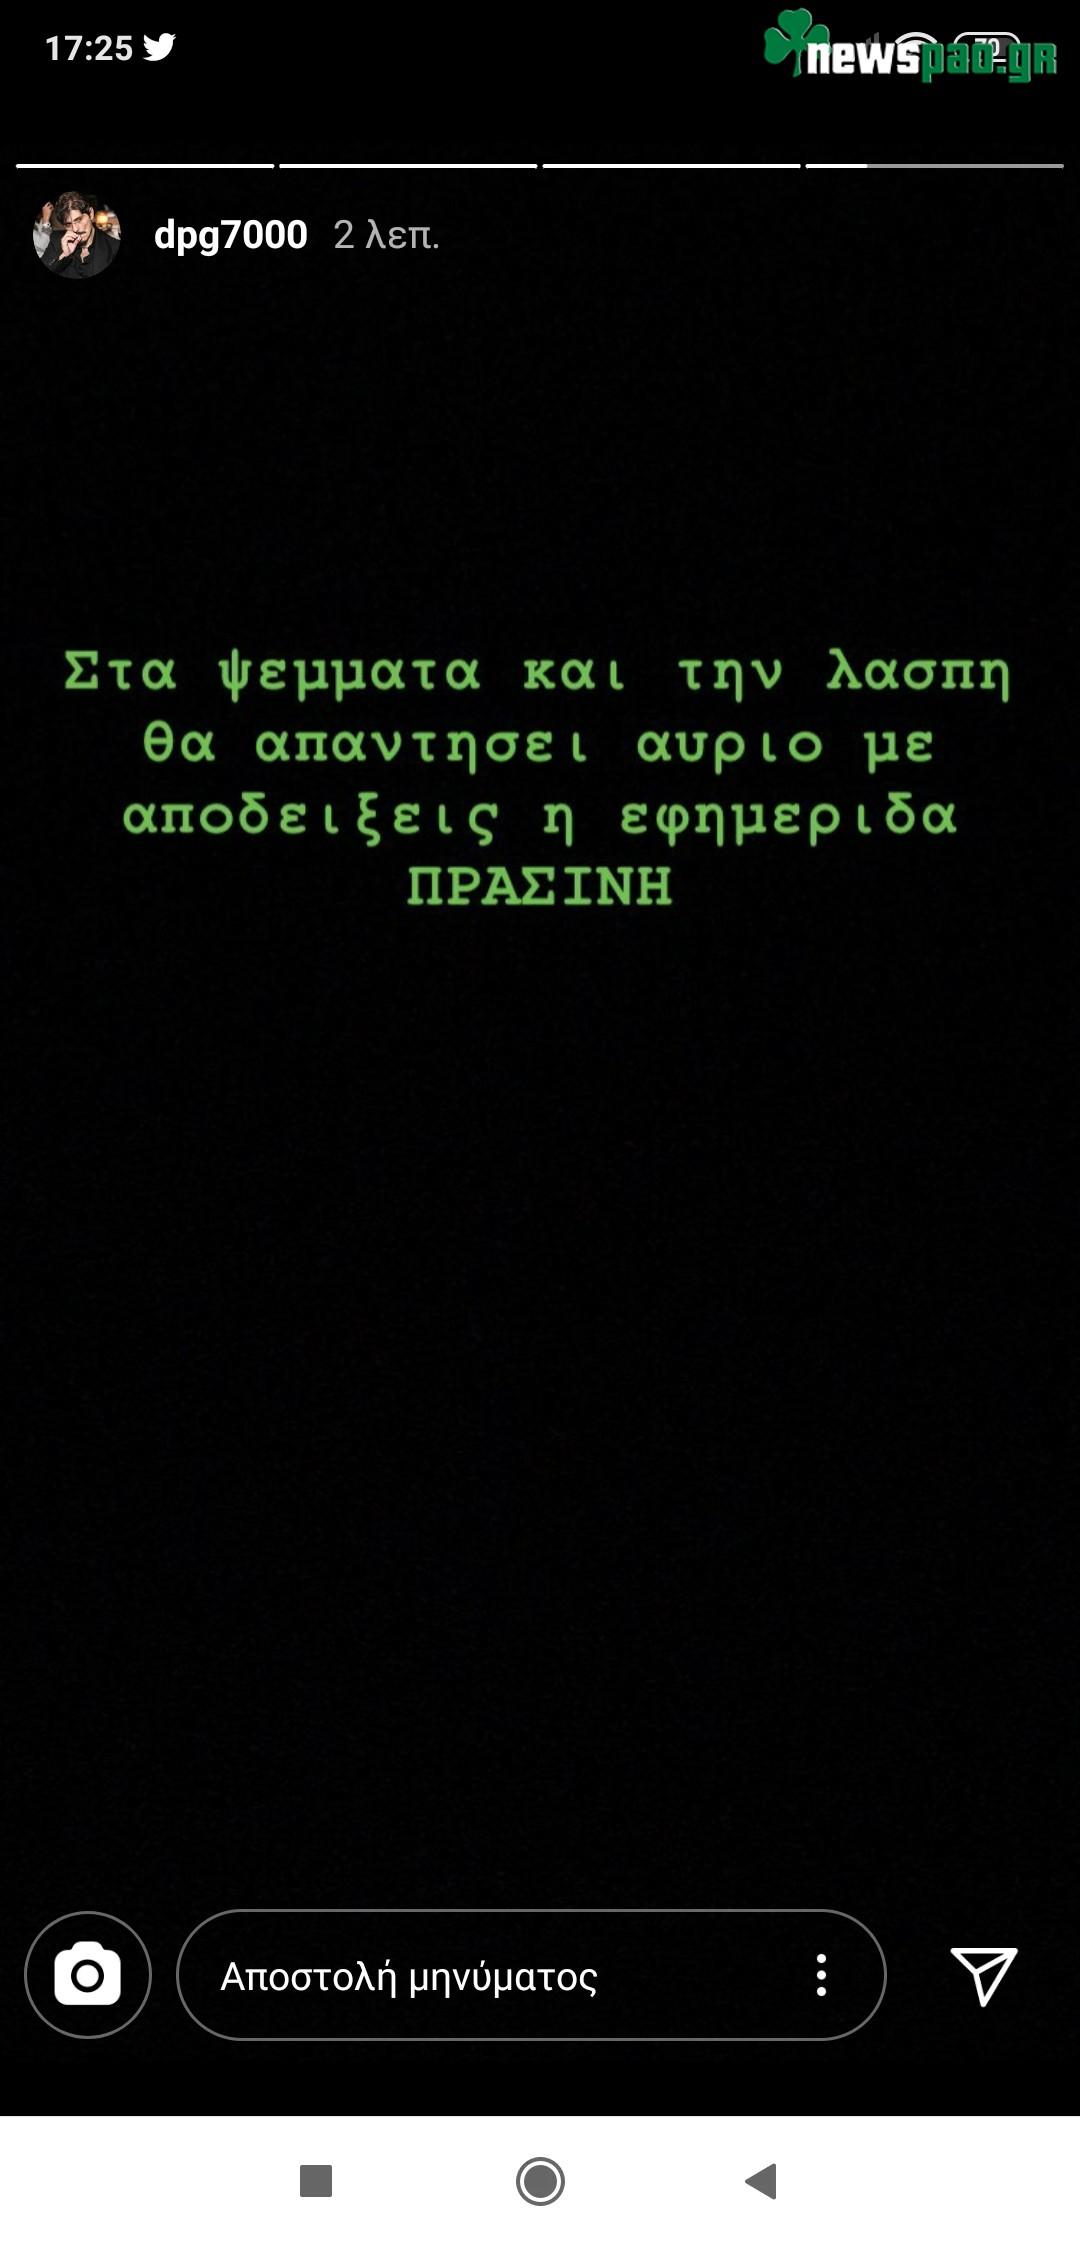 Απάντησε σε Θύρα 13 ο Γιαννακόπουλος!